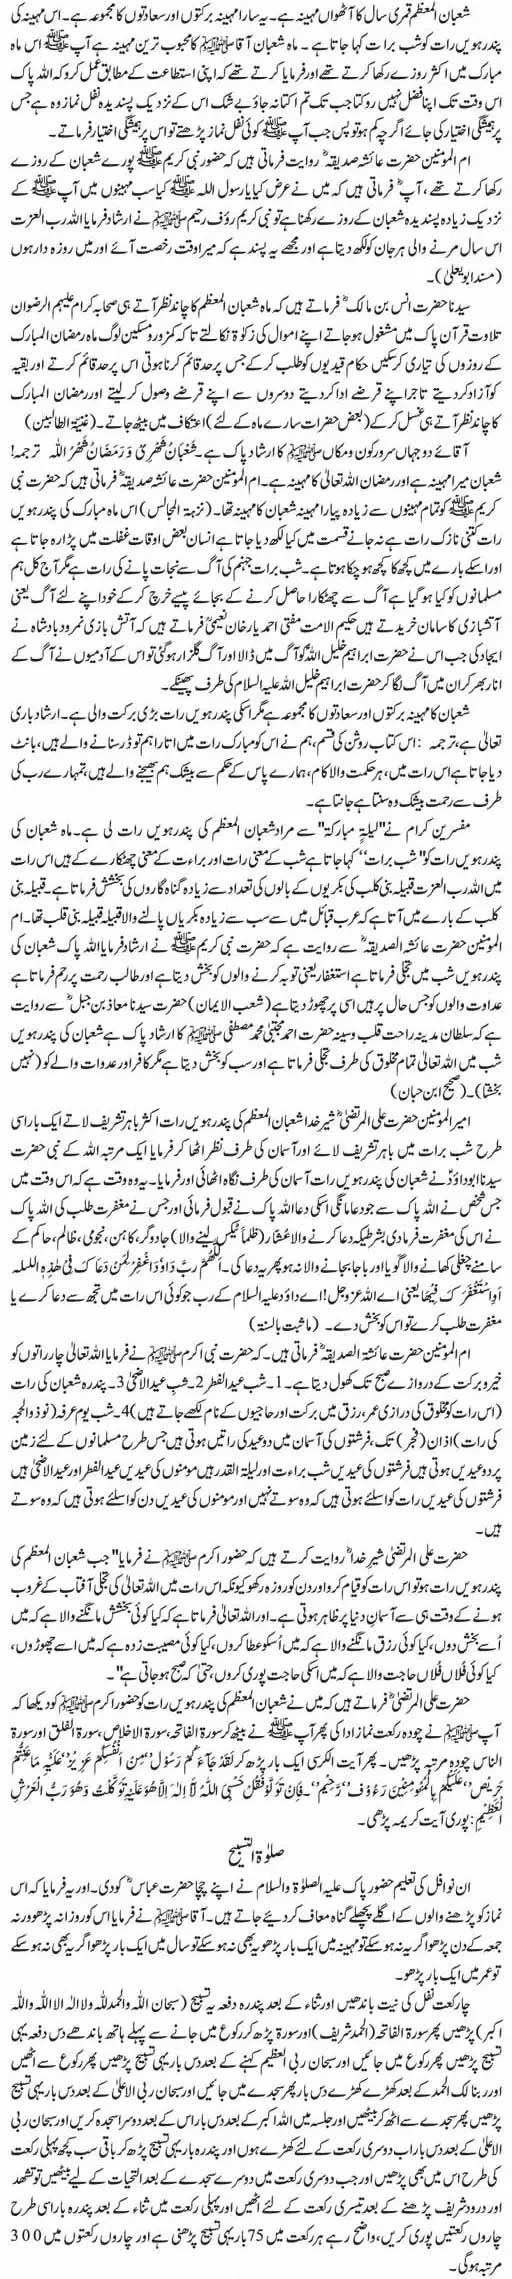 Aaqa Ka Pasandeeda Mahina - Shaban-ul-Muazzam